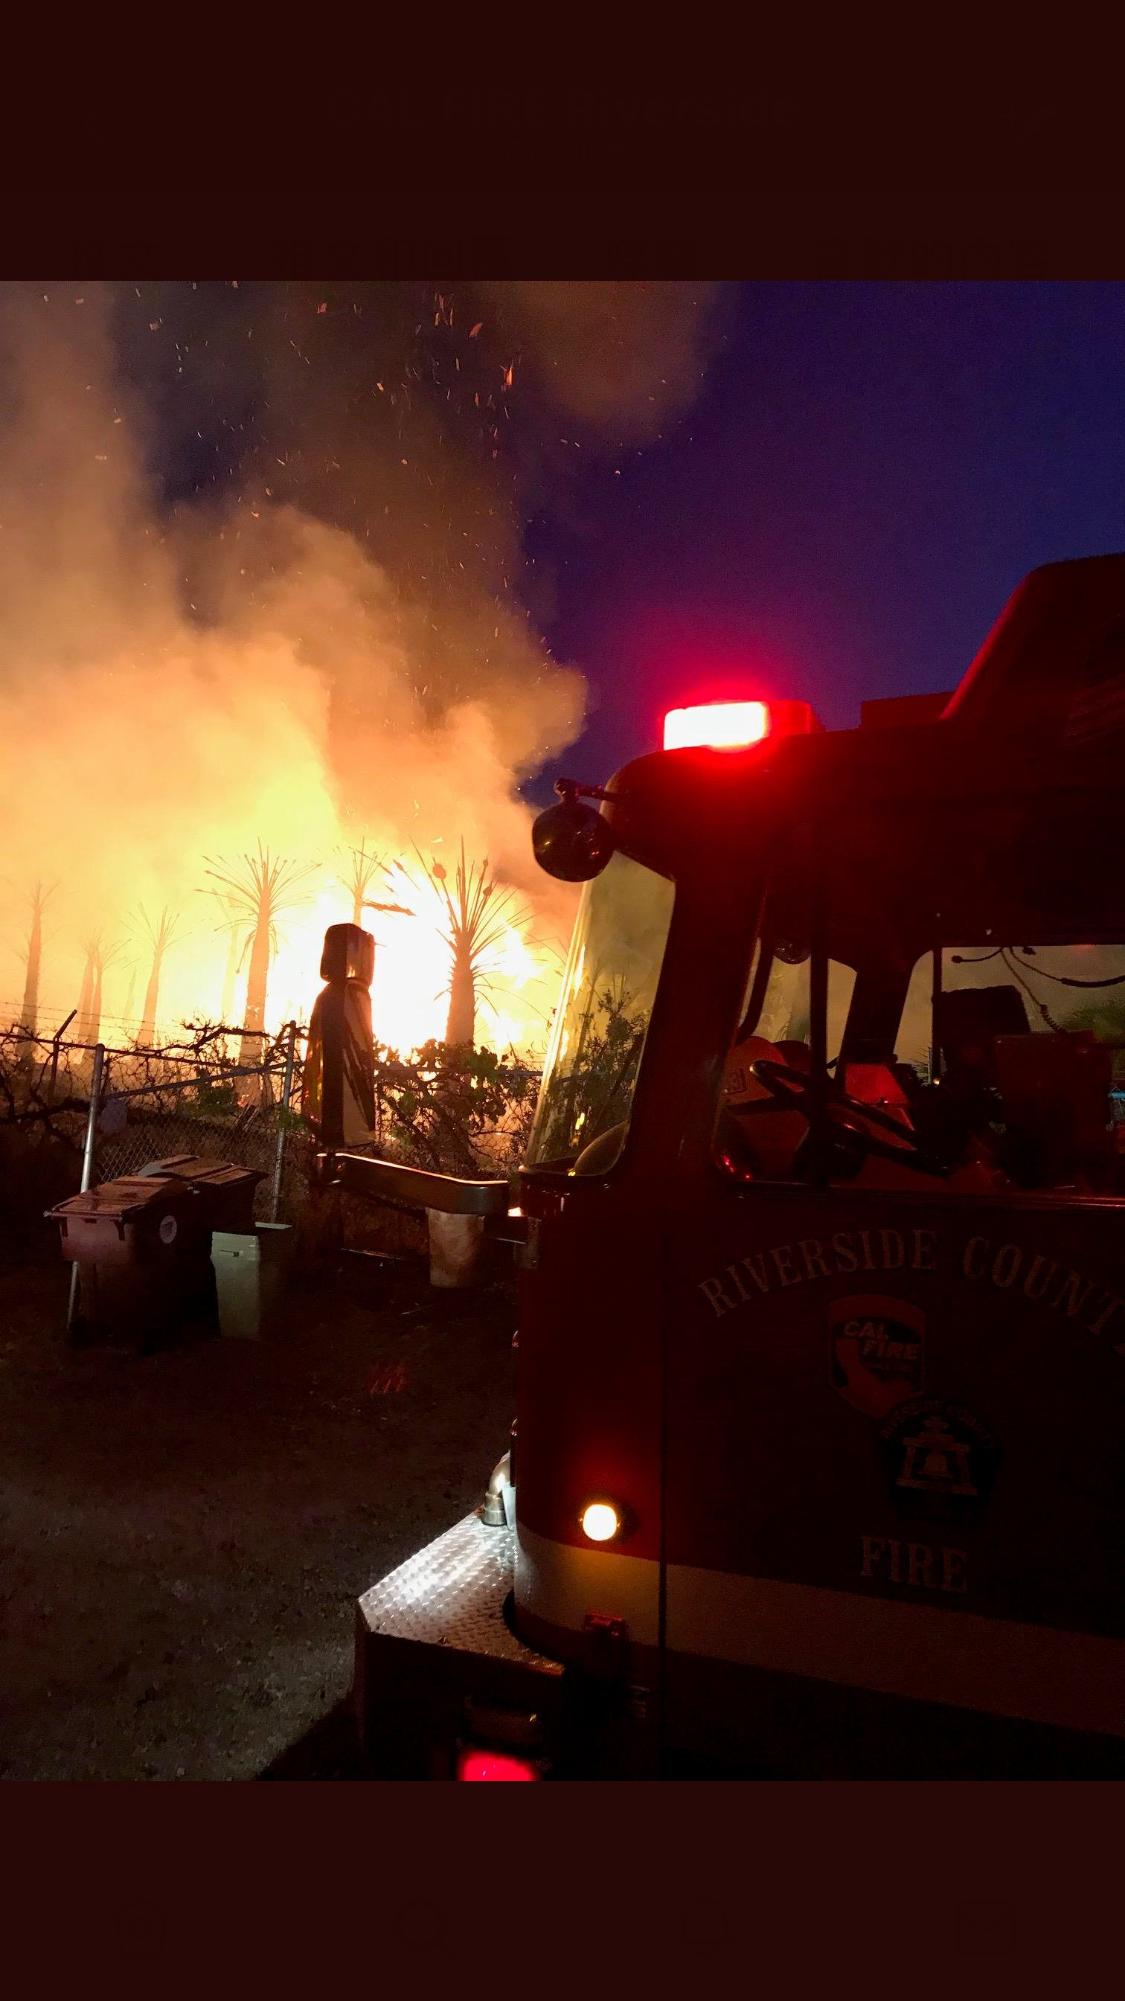 河濱縣科奇拉15日(周日)上午,在棕梠樹林發生野火,所幸並未對鄰近地區正舉行的科奇拉音樂藝術節造成影響。(Cal fire Riverside推特)